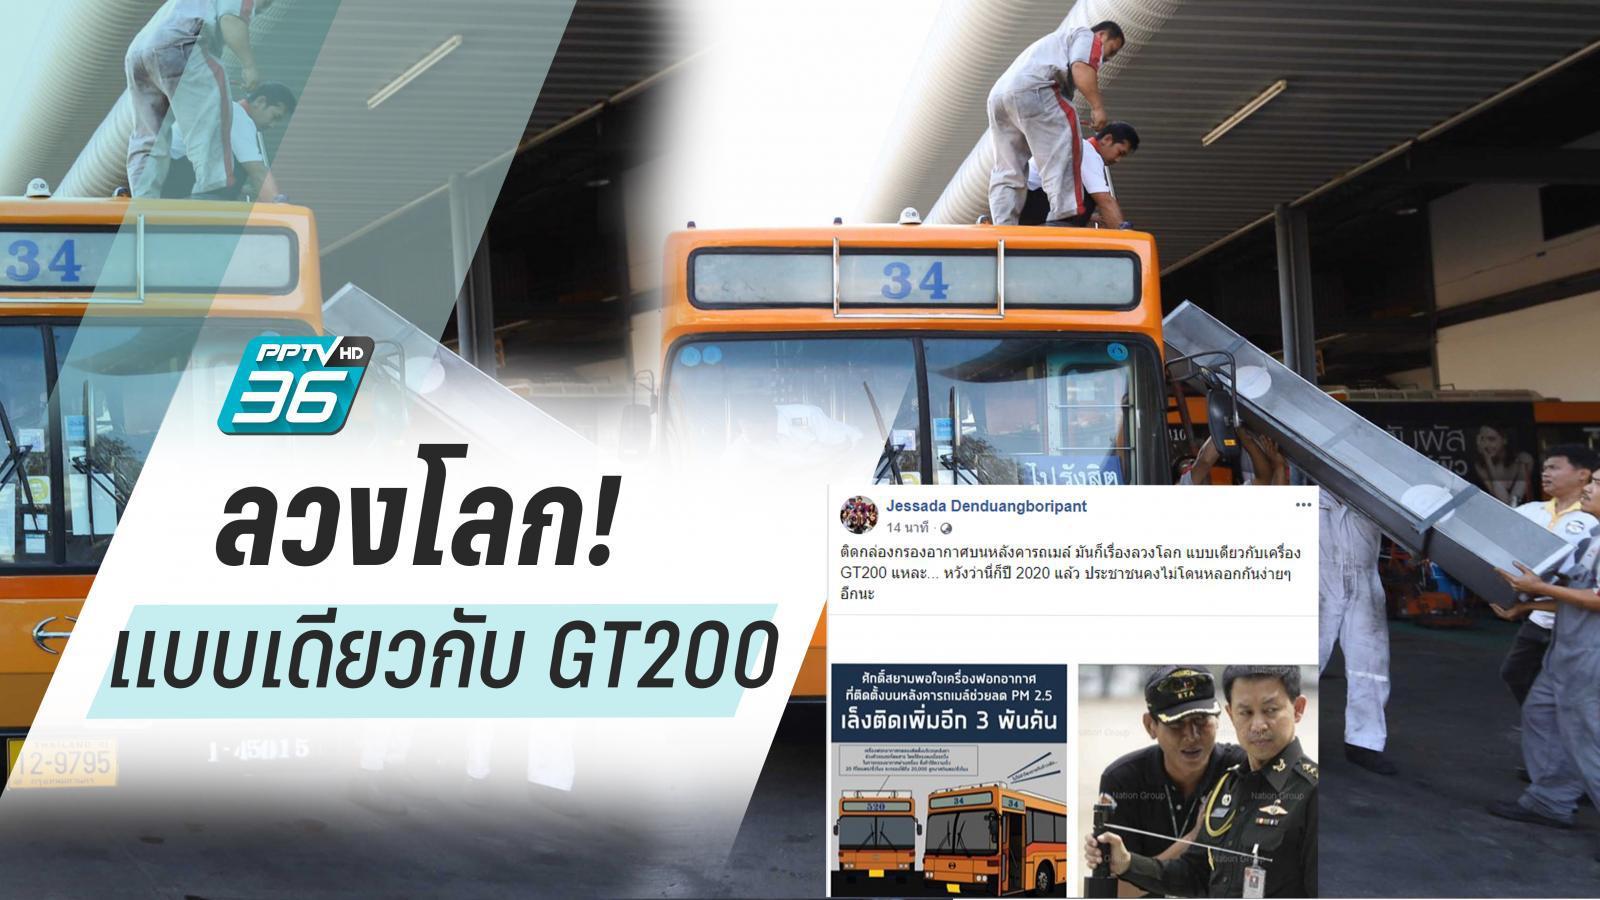 อ.เจษฎา ชี้ เครื่องฟอกอากาศบนหลังคารถเมล์ เป็นเรื่องลวงโลก แบบเดียวกับ GT200